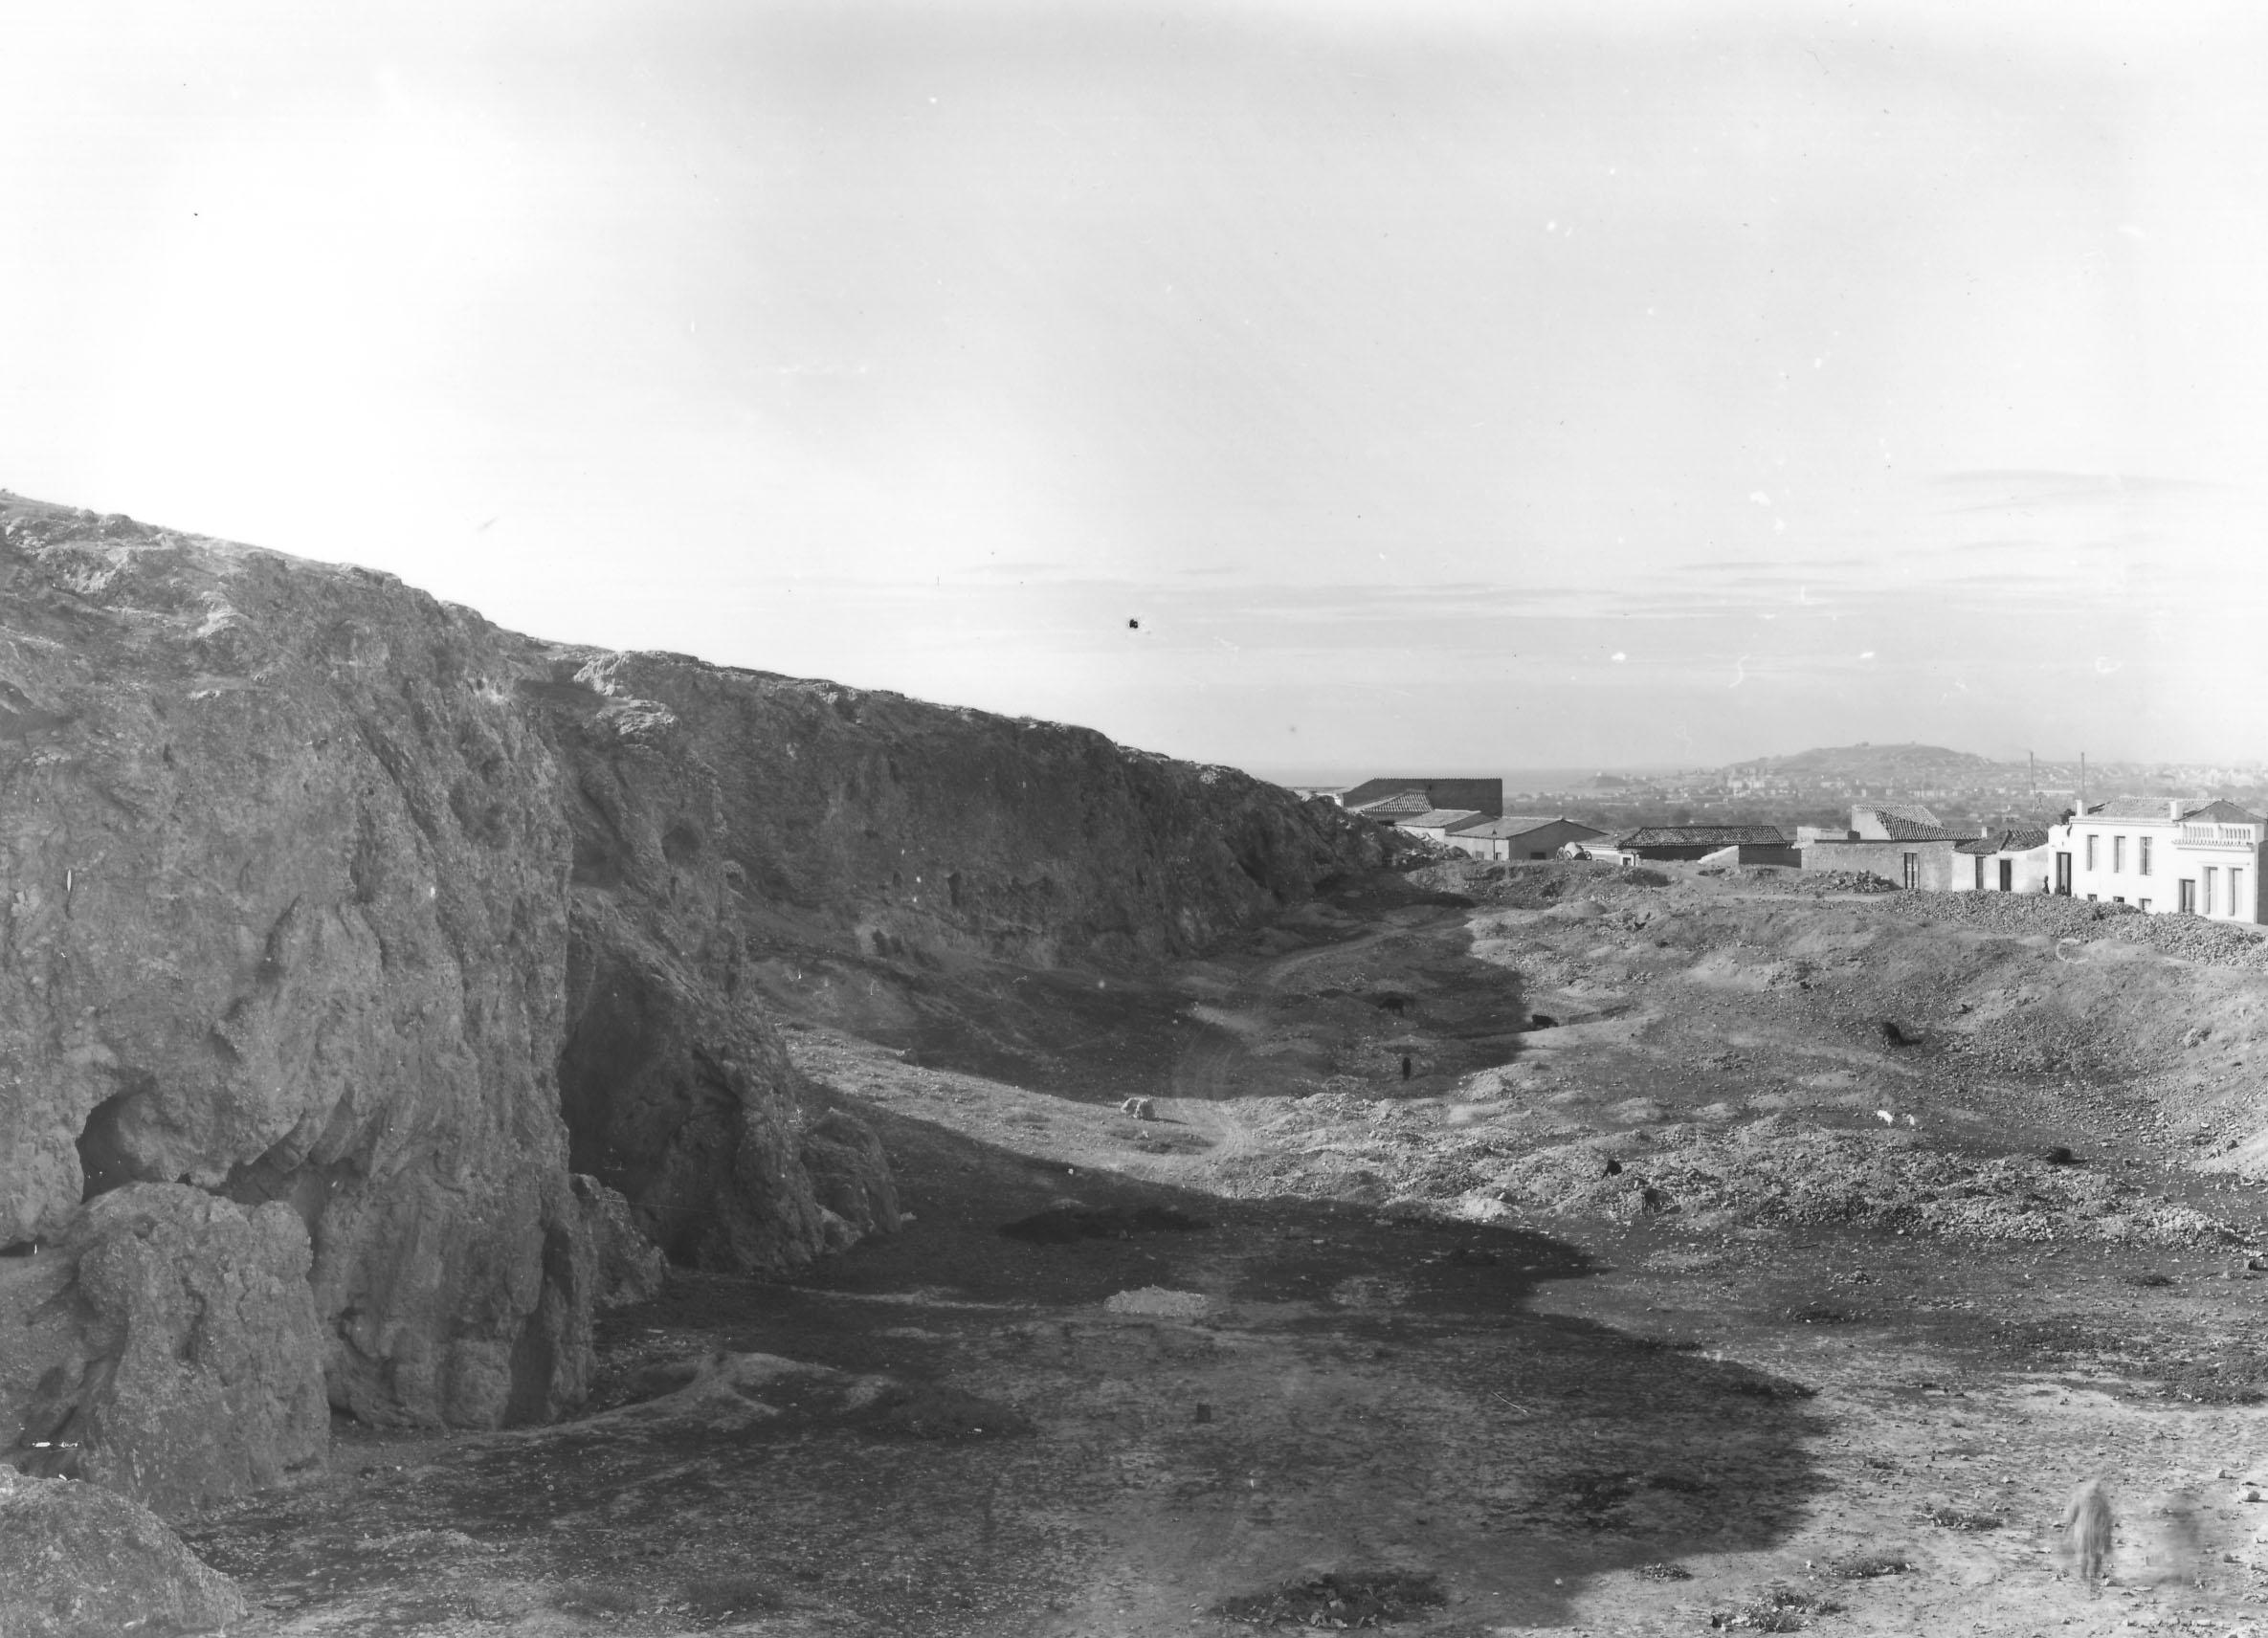 Το βάραθρον ήταν αρχαίο λατομείο και τόπος εκτελέσεων· ο πιο μοναχικός των αρχαίων Αθηνών (Nicholson Museum, Professor W.J. Woodhouse Collection).